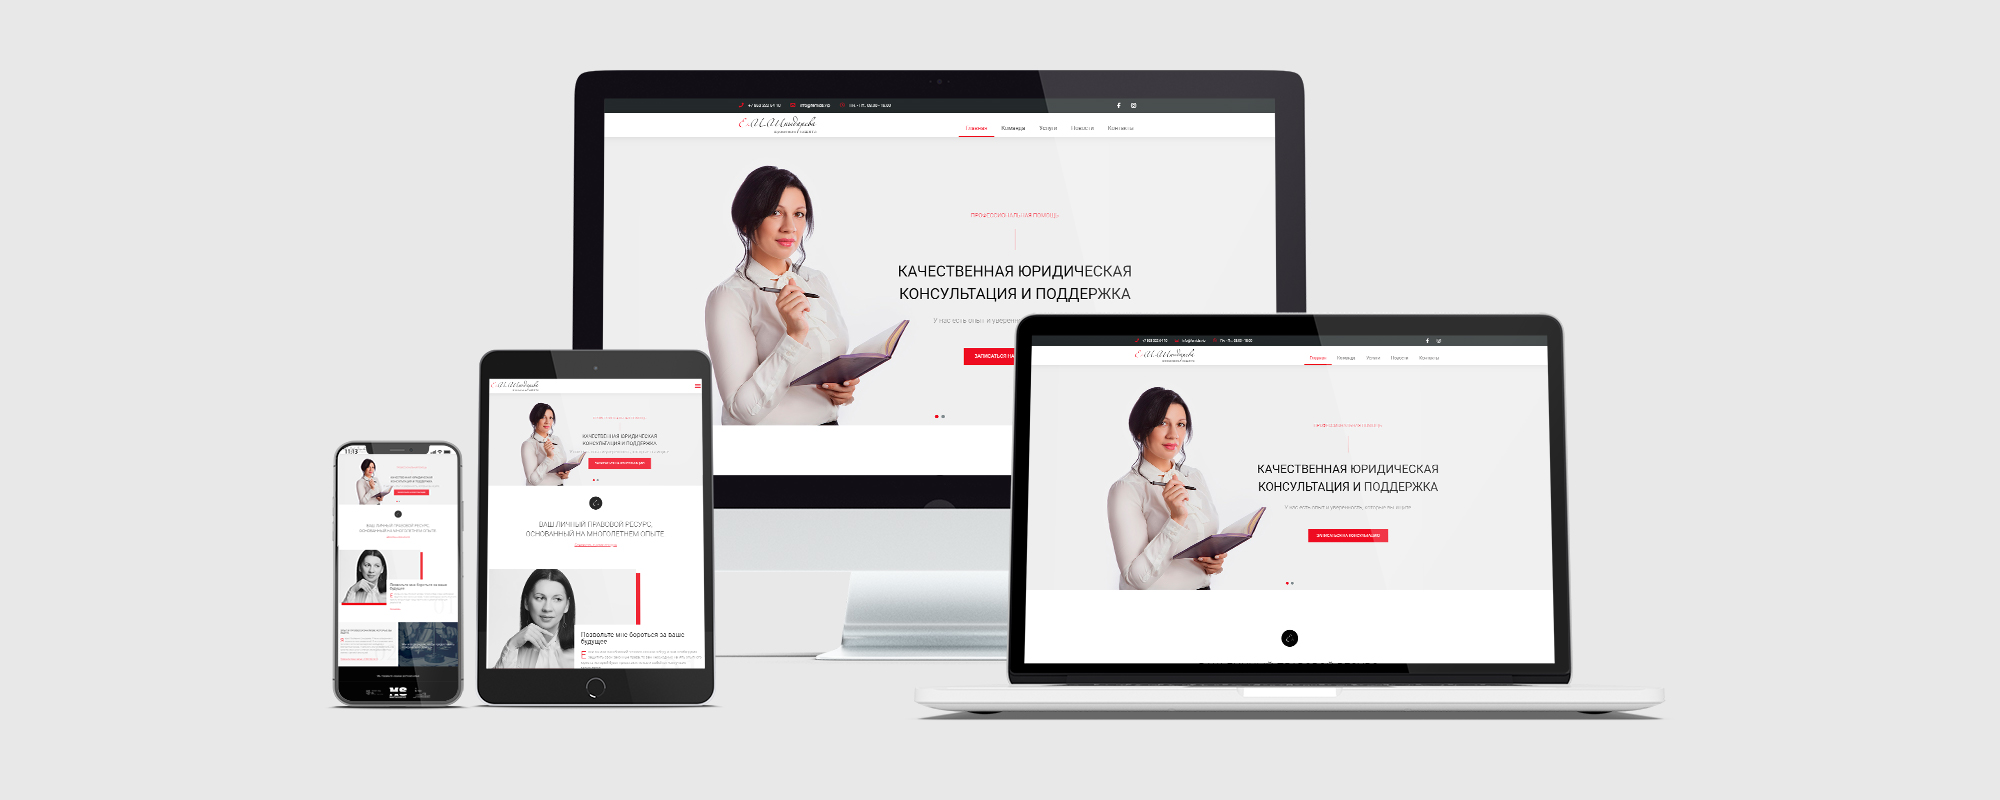 Website-Entwicklung für eine Anwaltskanzlei in Rostow am Don